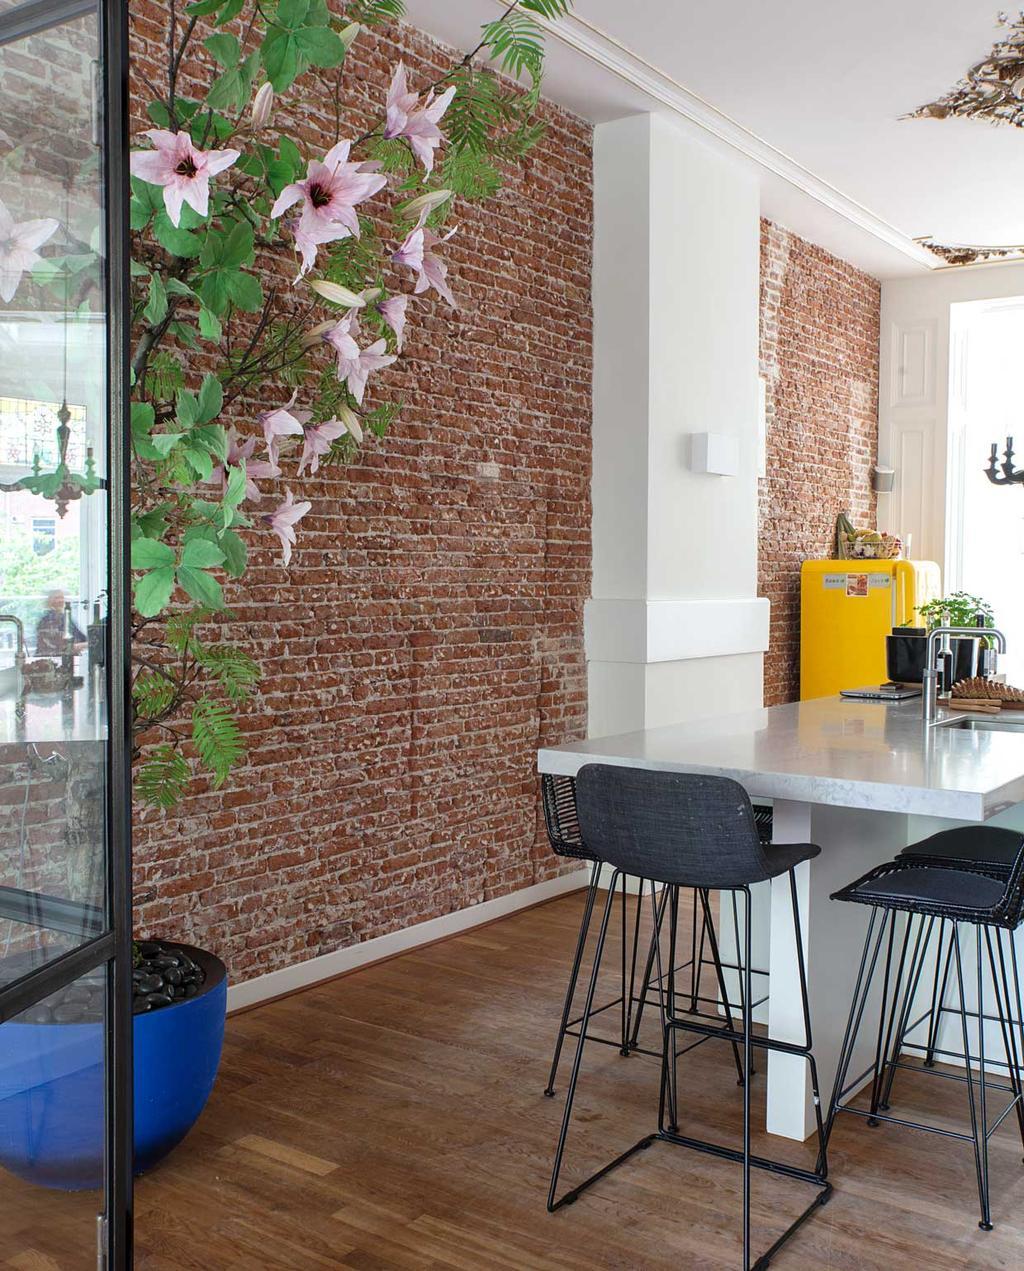 vtwonen binnenkijkspecial 12 | binnenkijken in een herenhuis met een mix van klassiek en design | keuken met hoge barkrukken